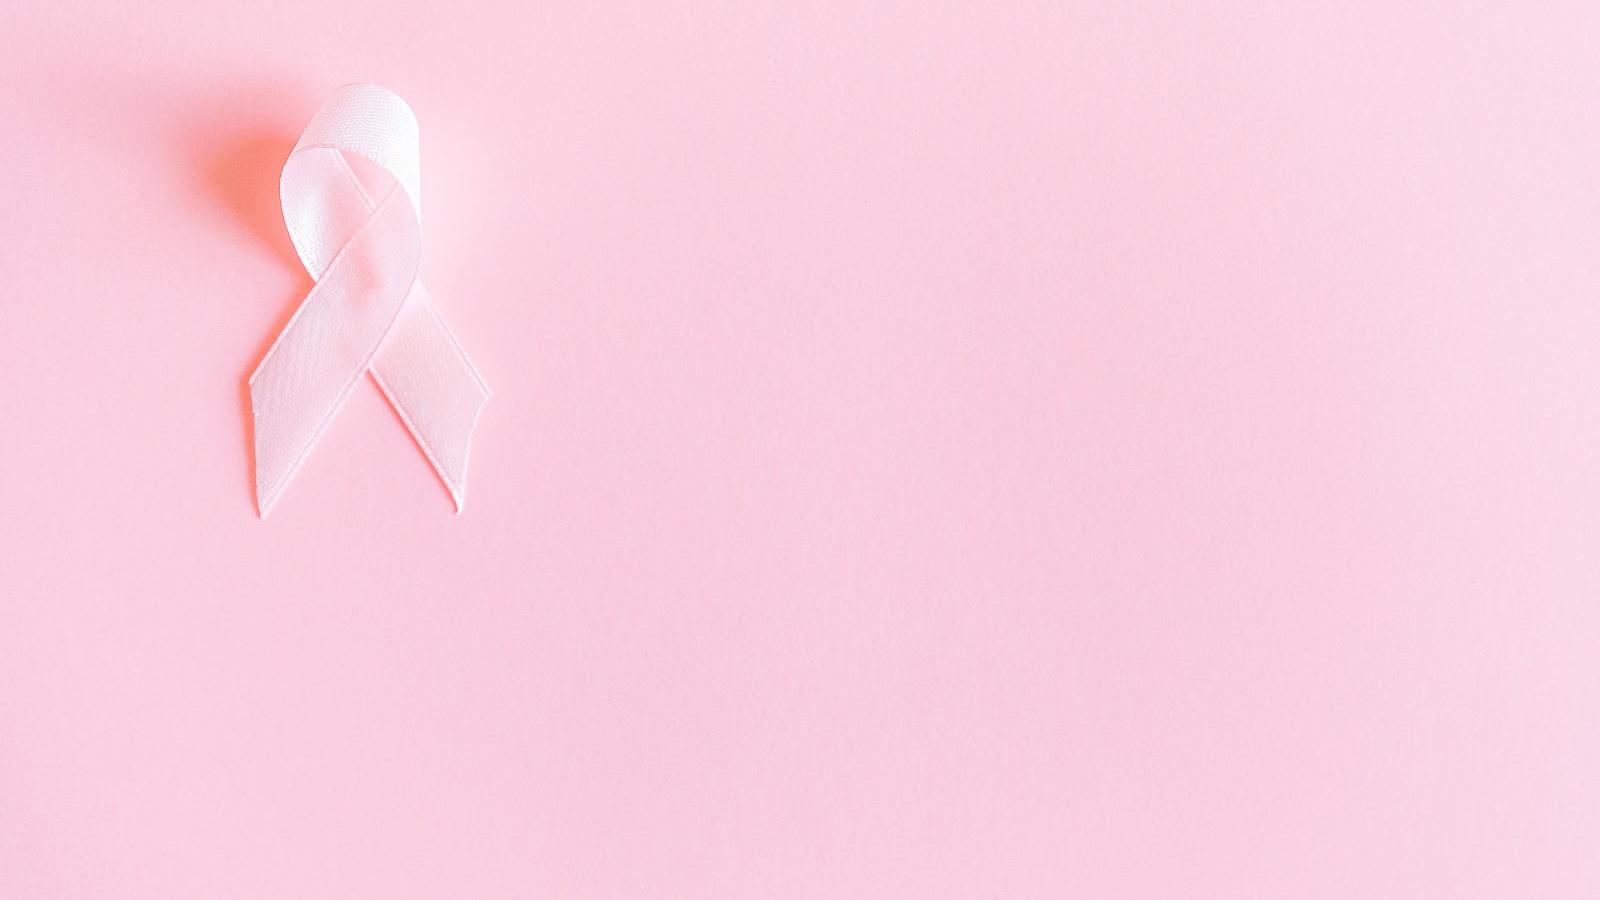 símbolo do câncer de mama feito de cetim rosa